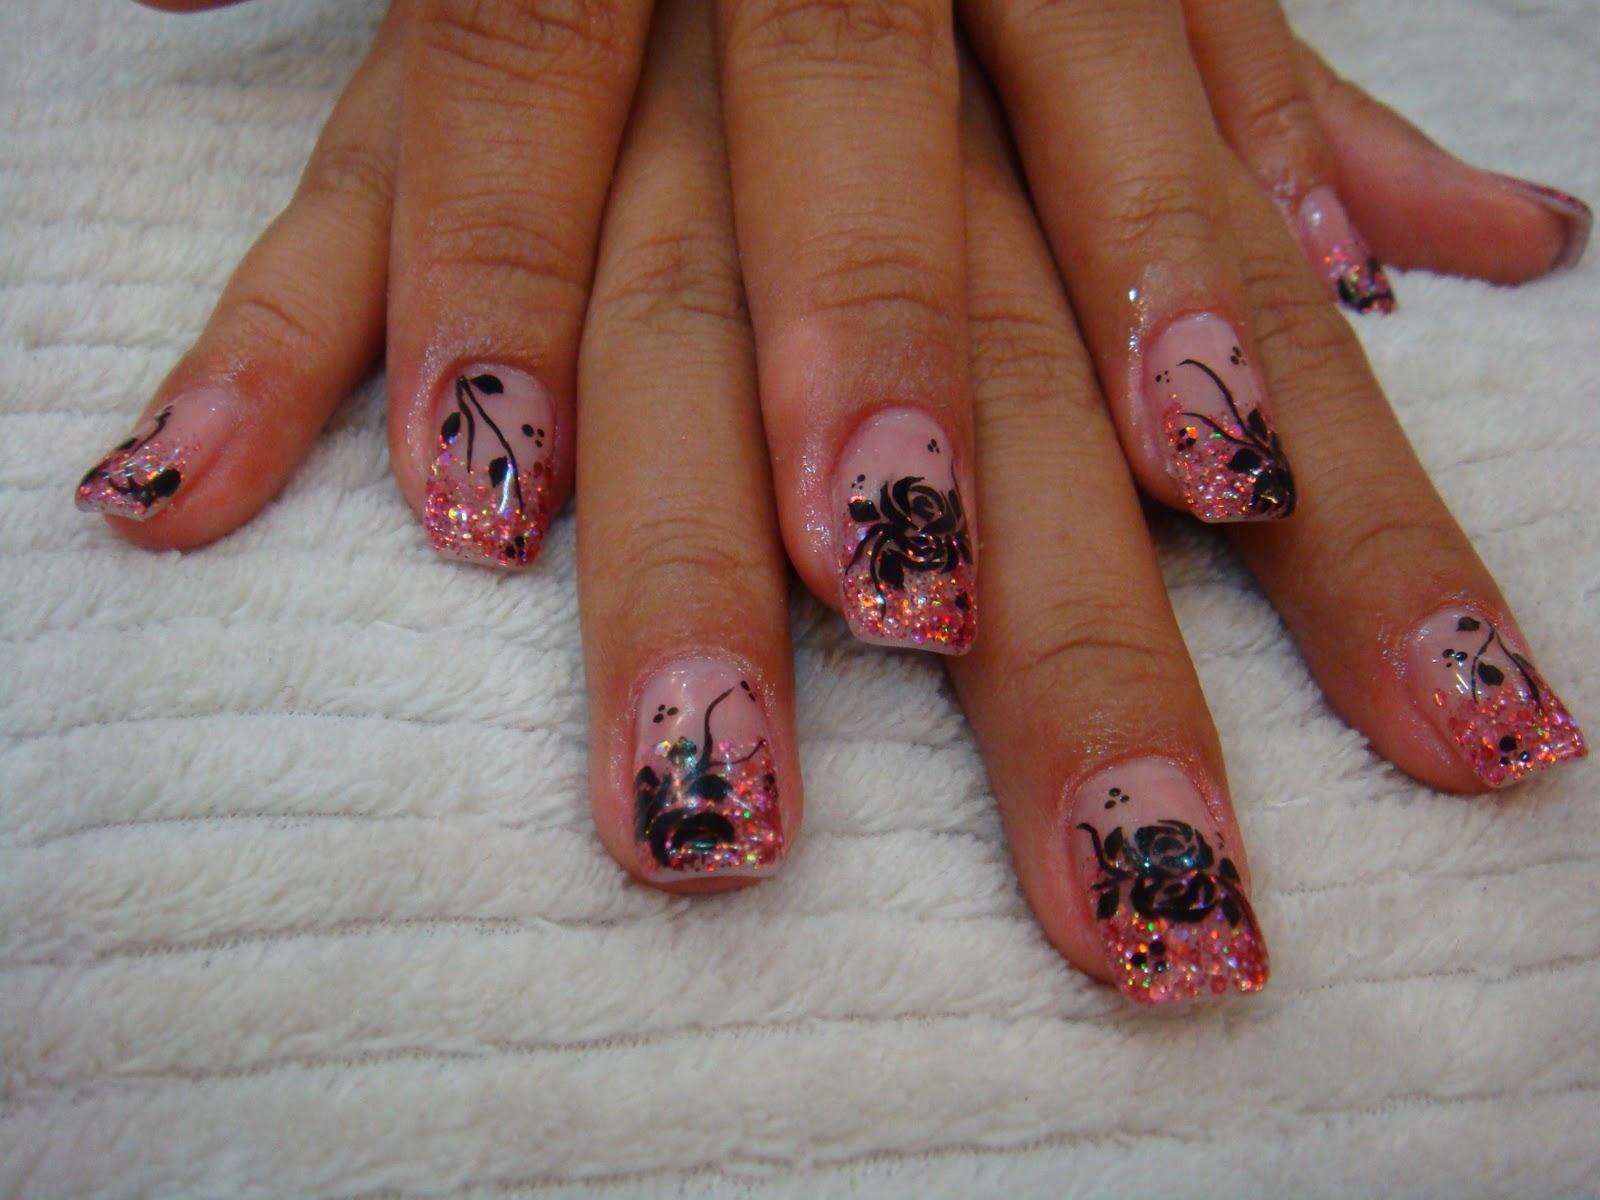 Le Sensual Nails Black Roses Nail Art On Pink Hard Gel Overlay